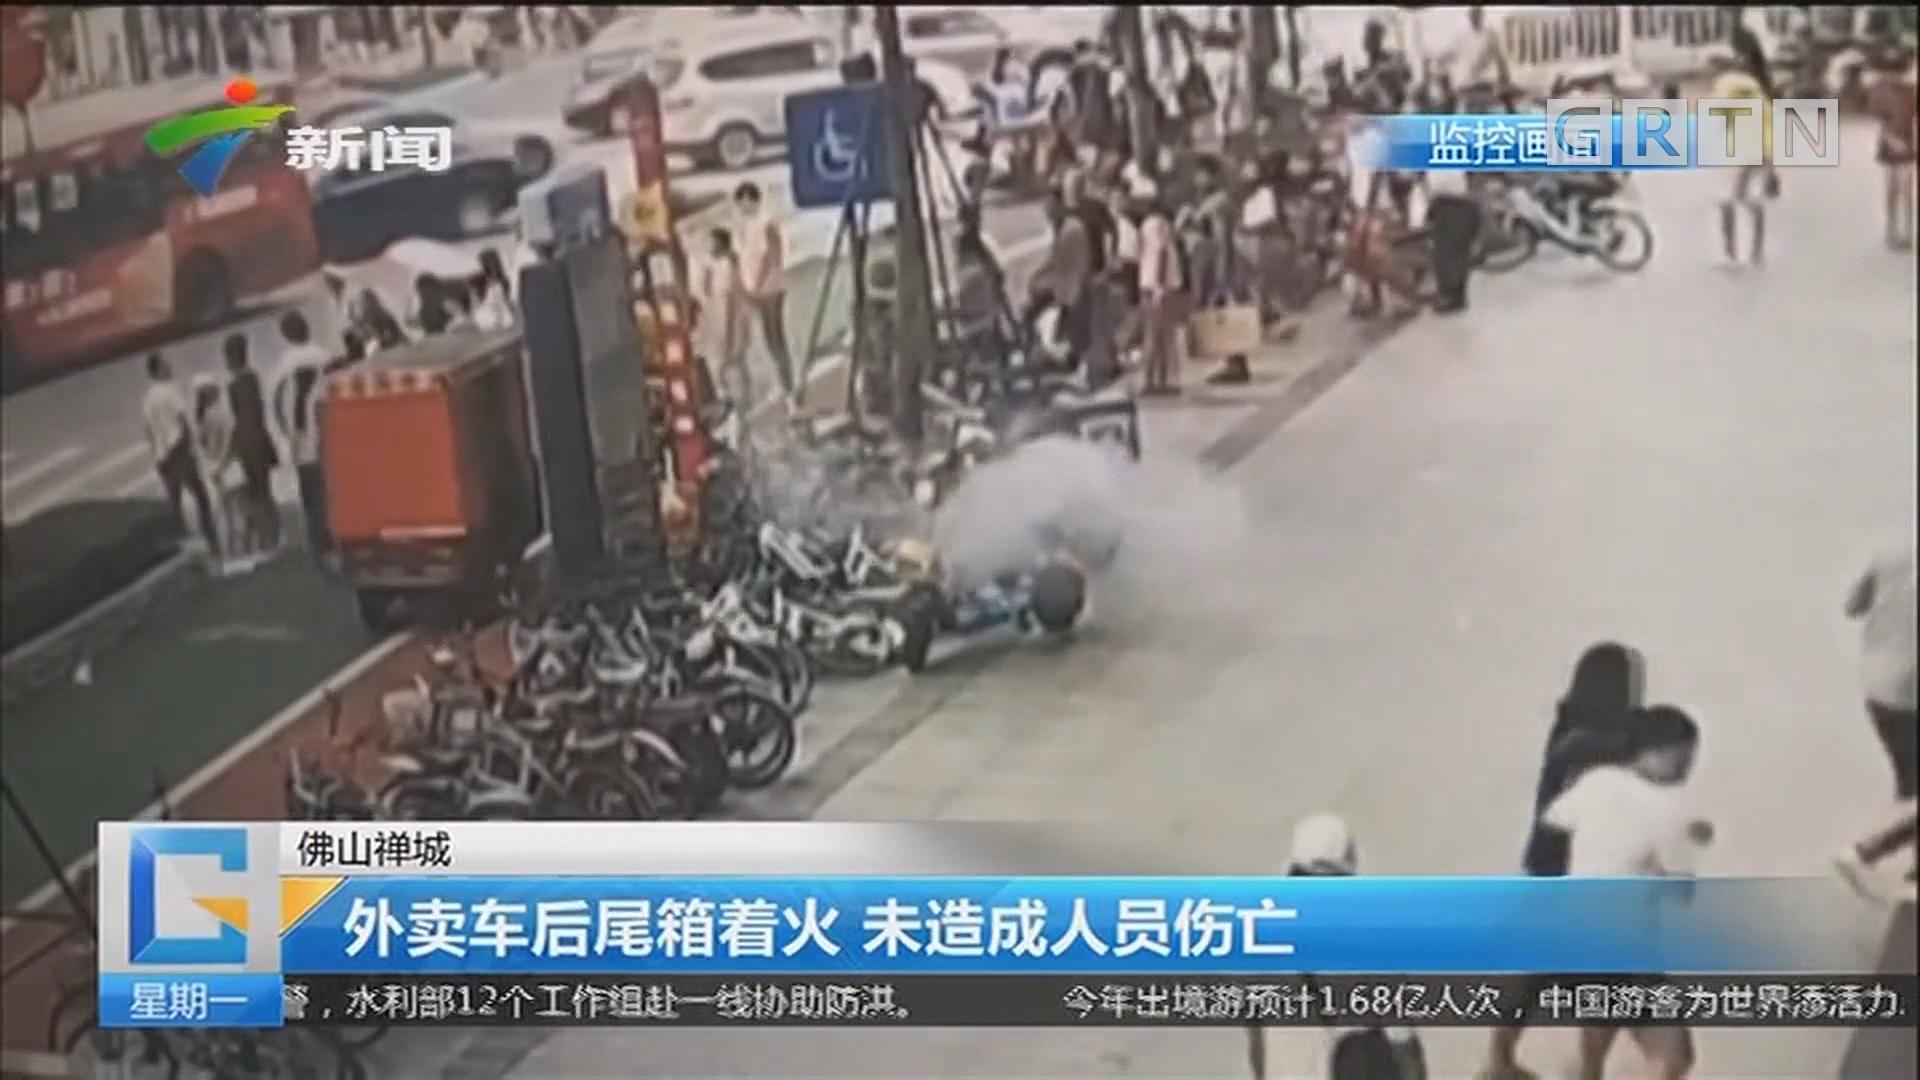 佛山禅城:外卖车后尾箱着火 未造成人员伤亡